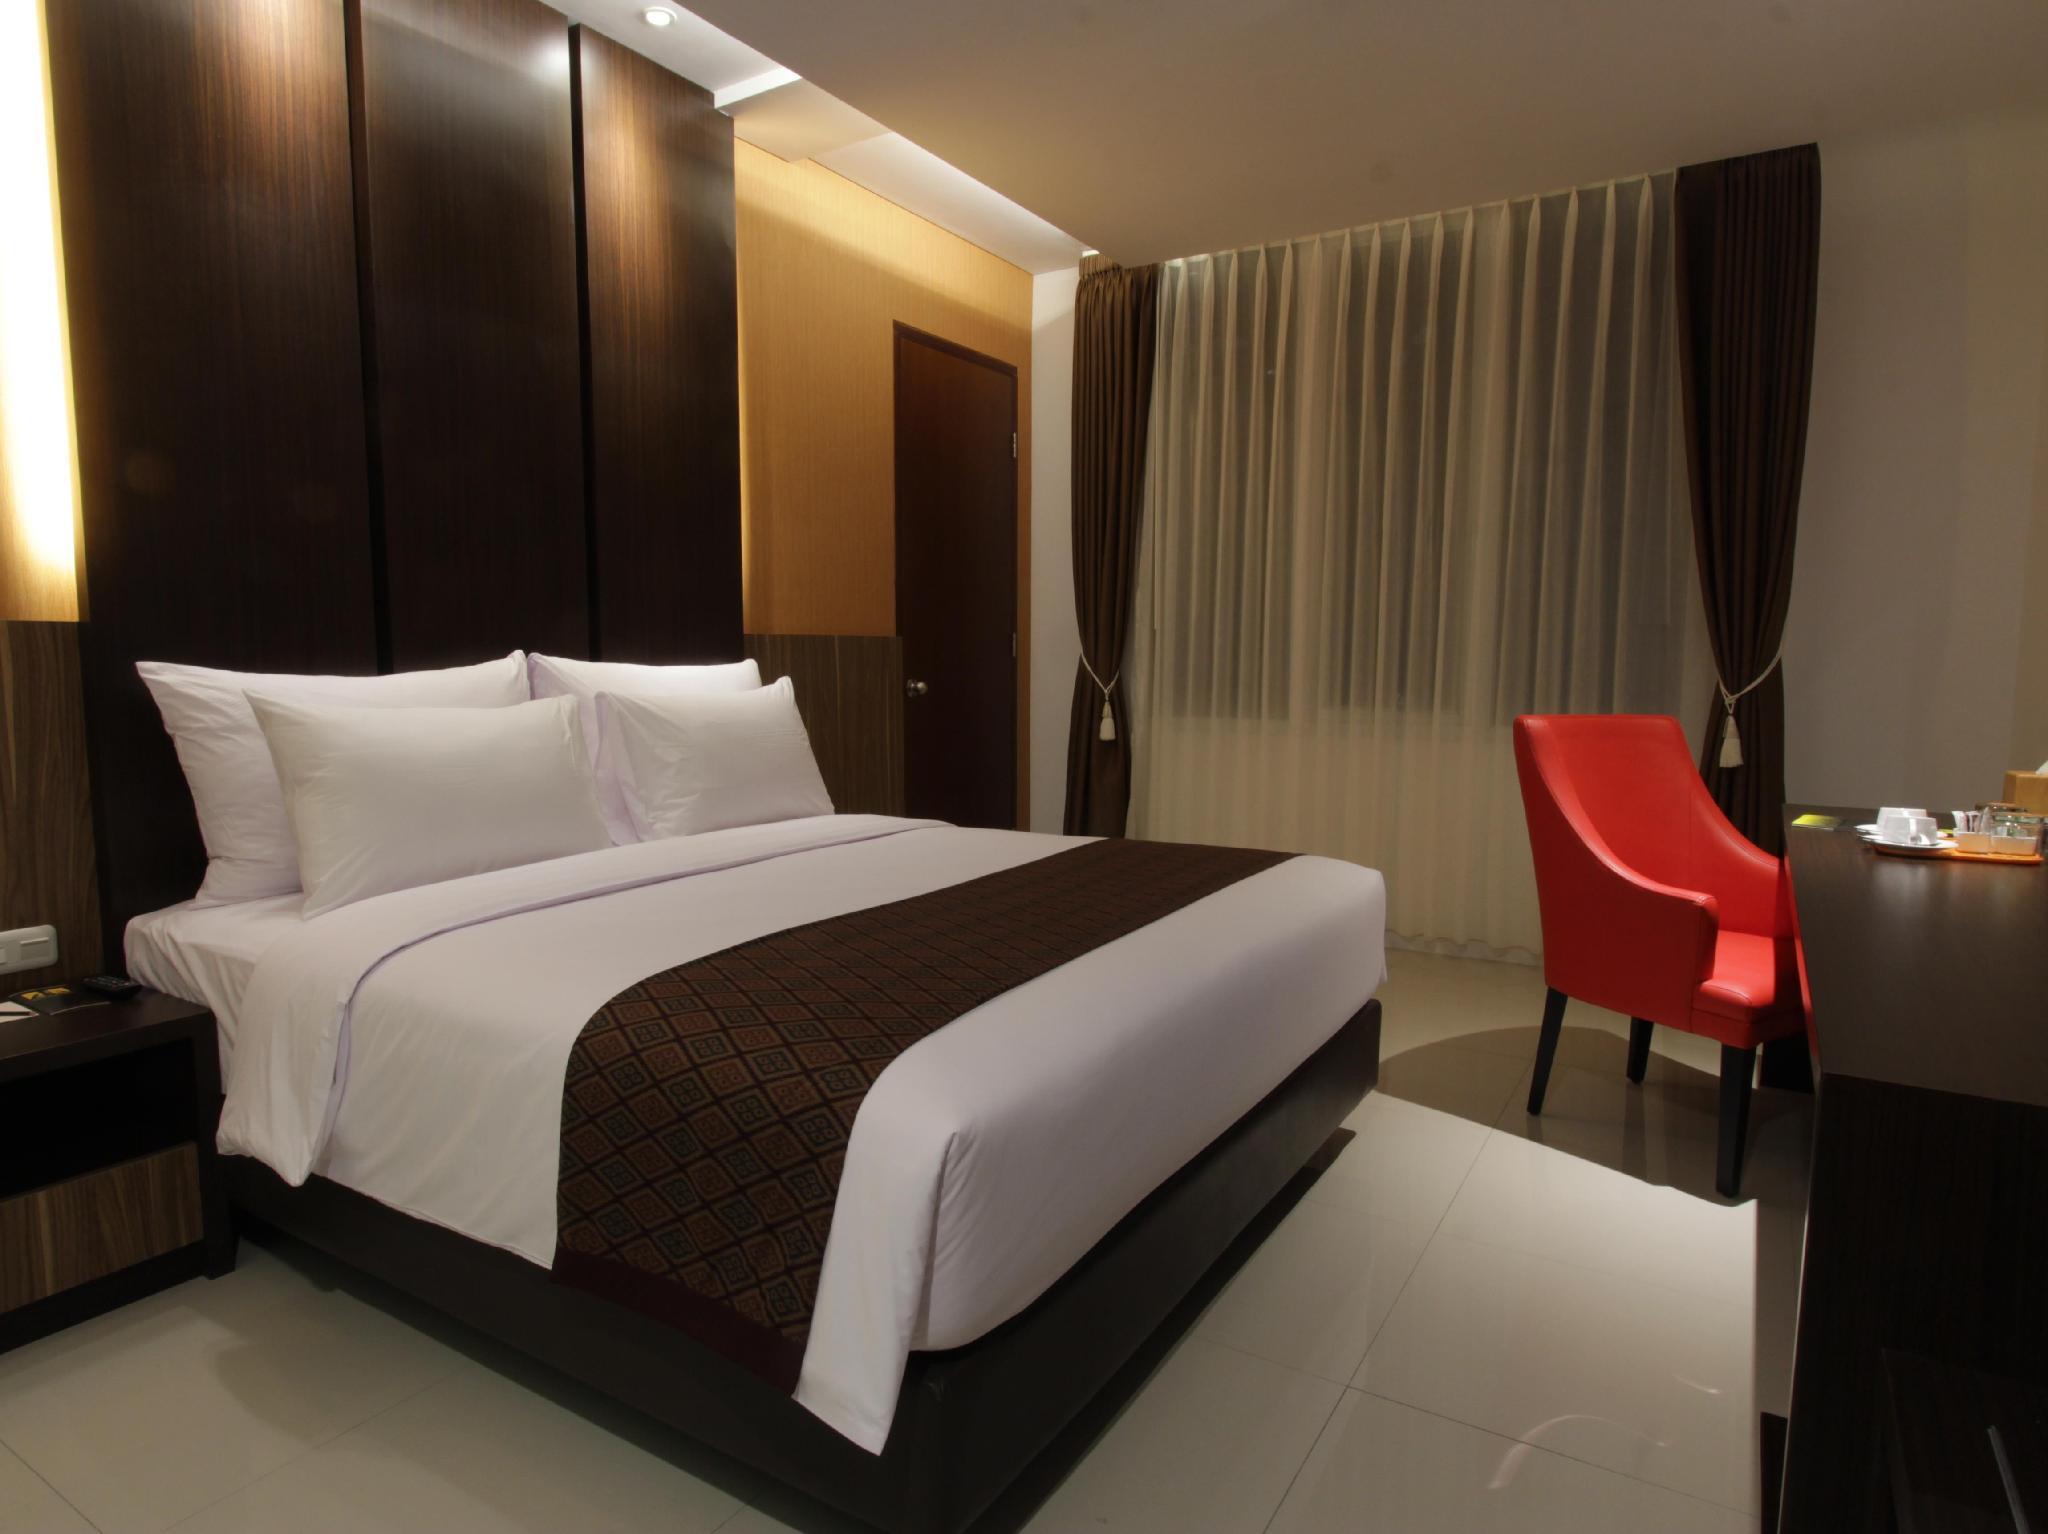 Ardan Hotel Bandung